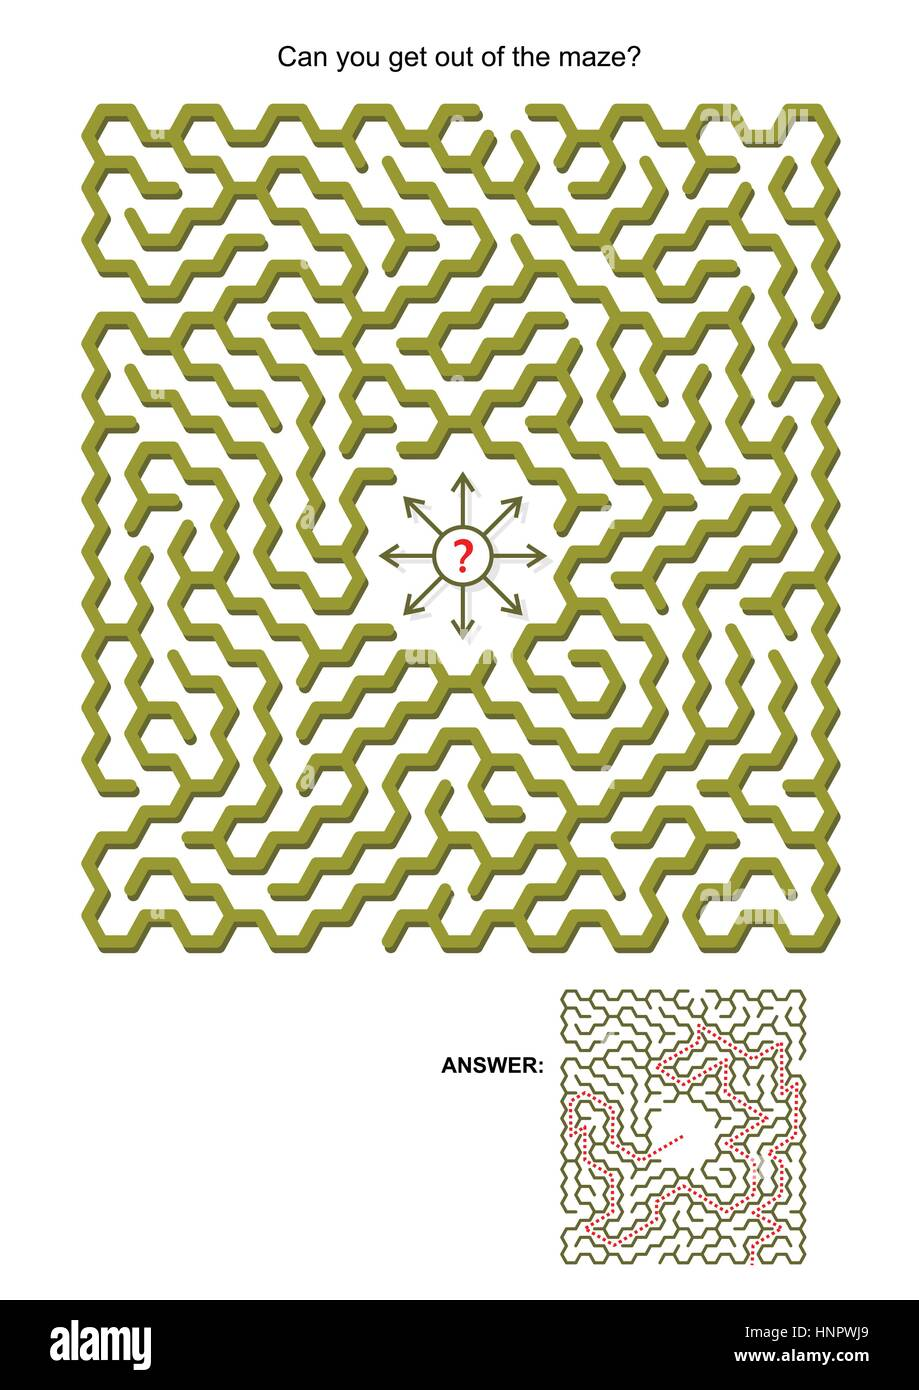 Labyrinth Spiel für Kinder oder Erwachsene: Kann man aus dem ...